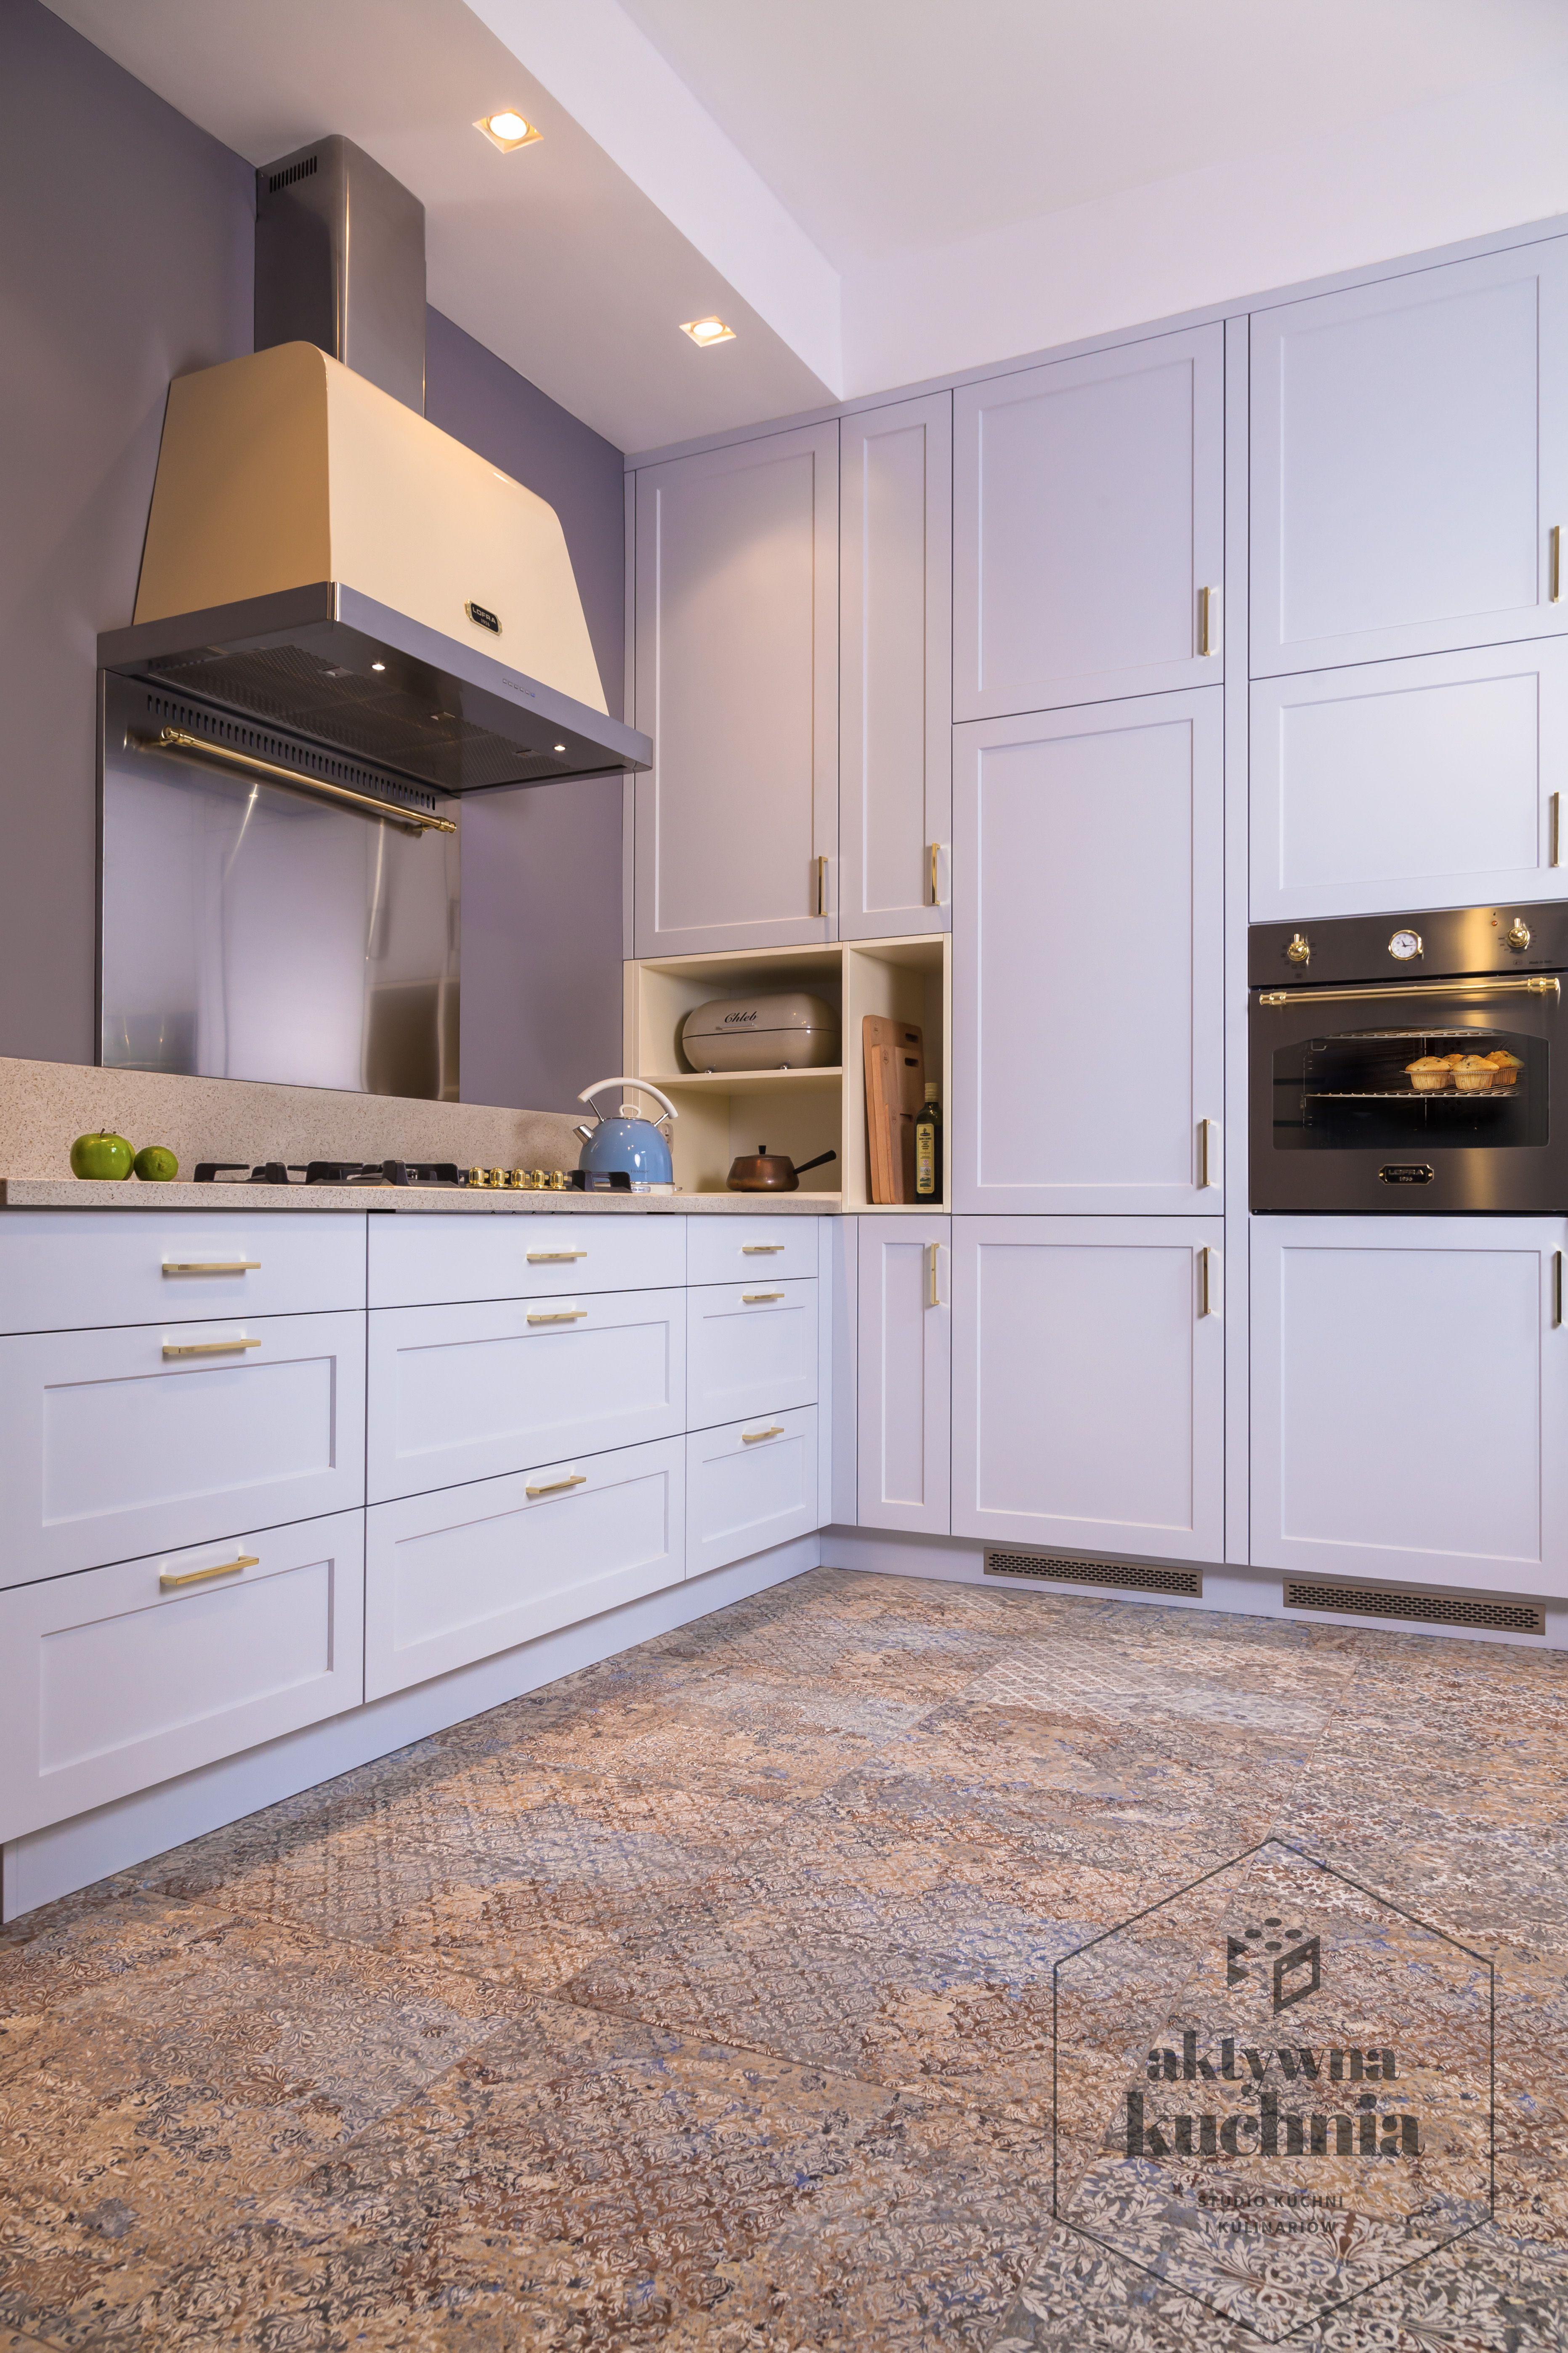 Kuchnia Z Duszą I Sercem Projekt Alina Mokrzycka